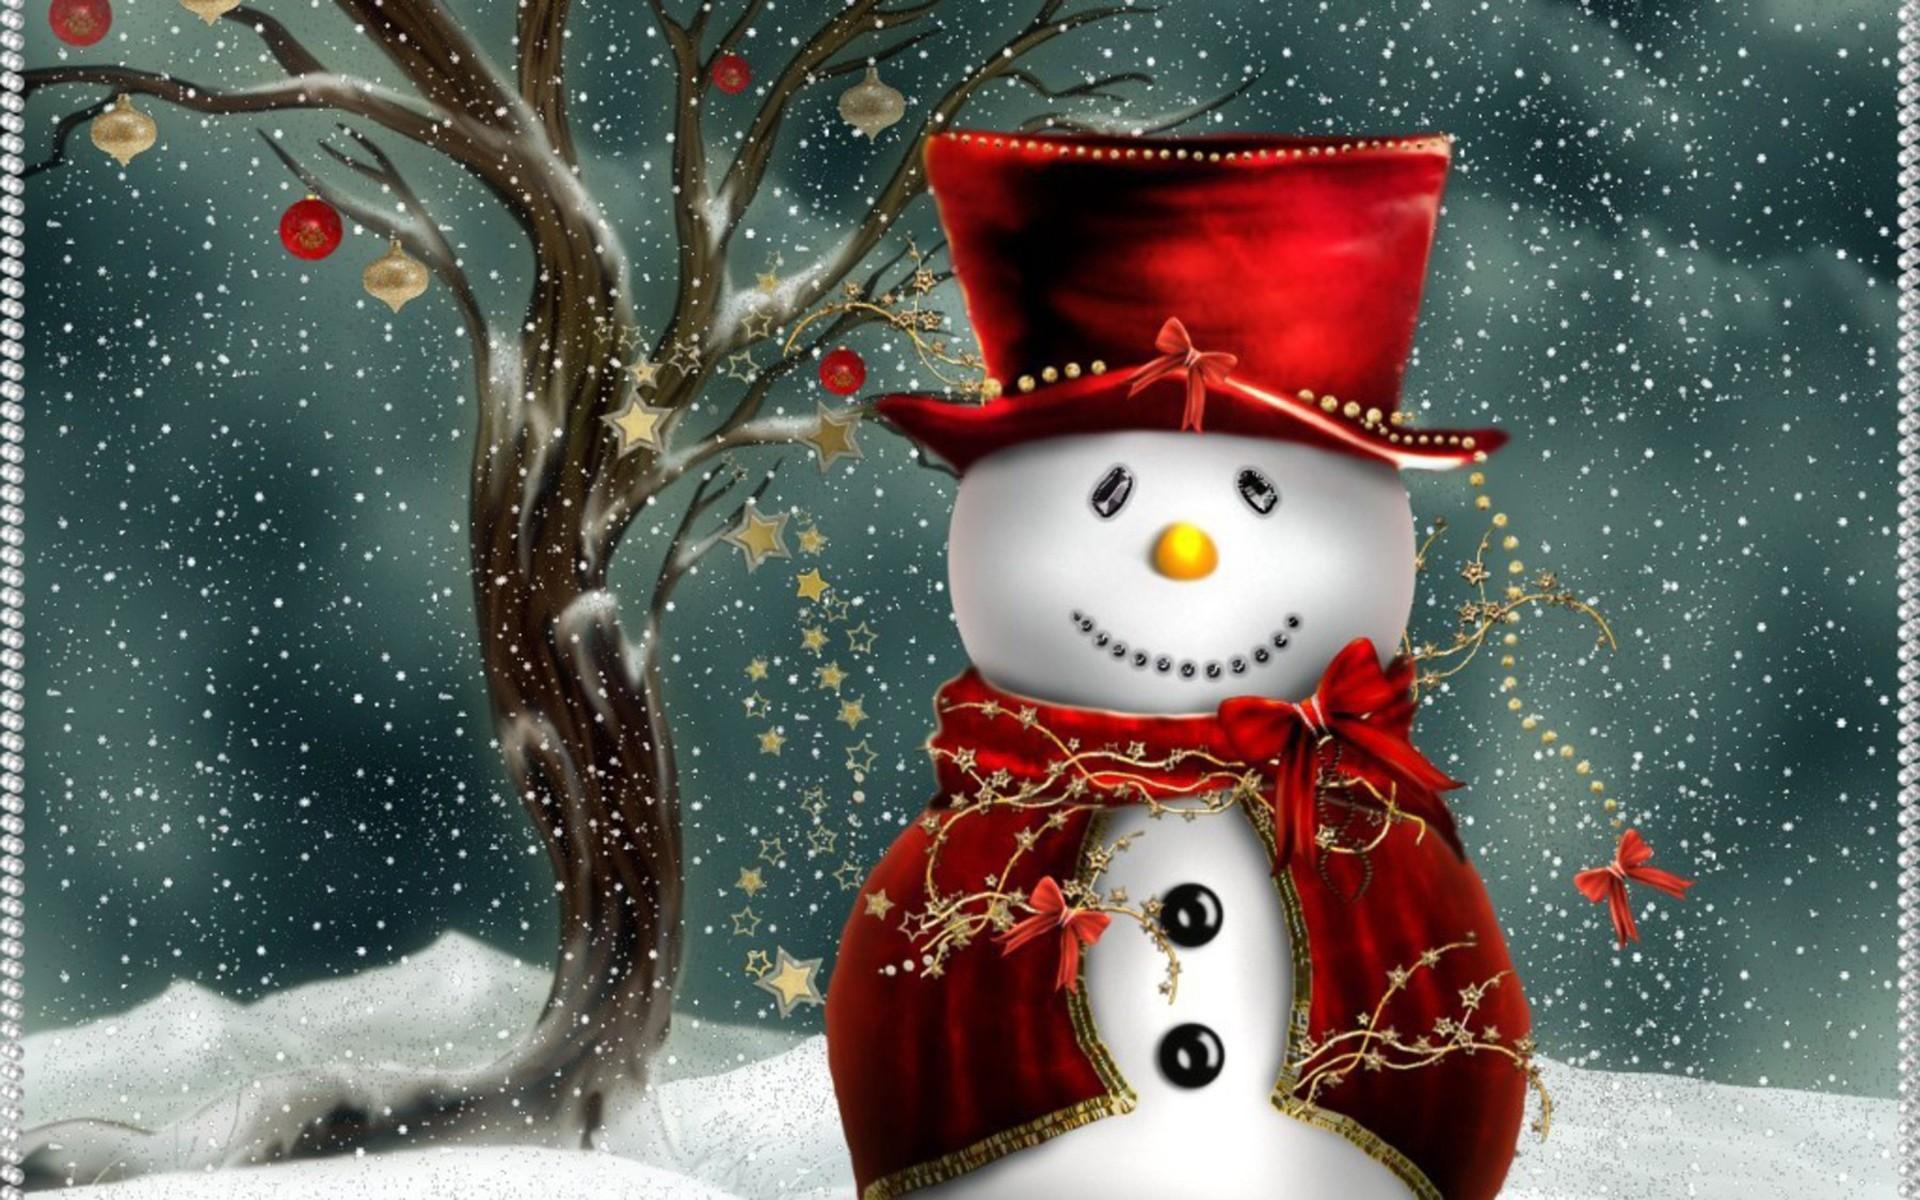 Res: 1920x1200, pretty christmas wallpaper ; Pretty-Christmas-Wallpaper -fc117f700842a94b411dd8bfc0442236